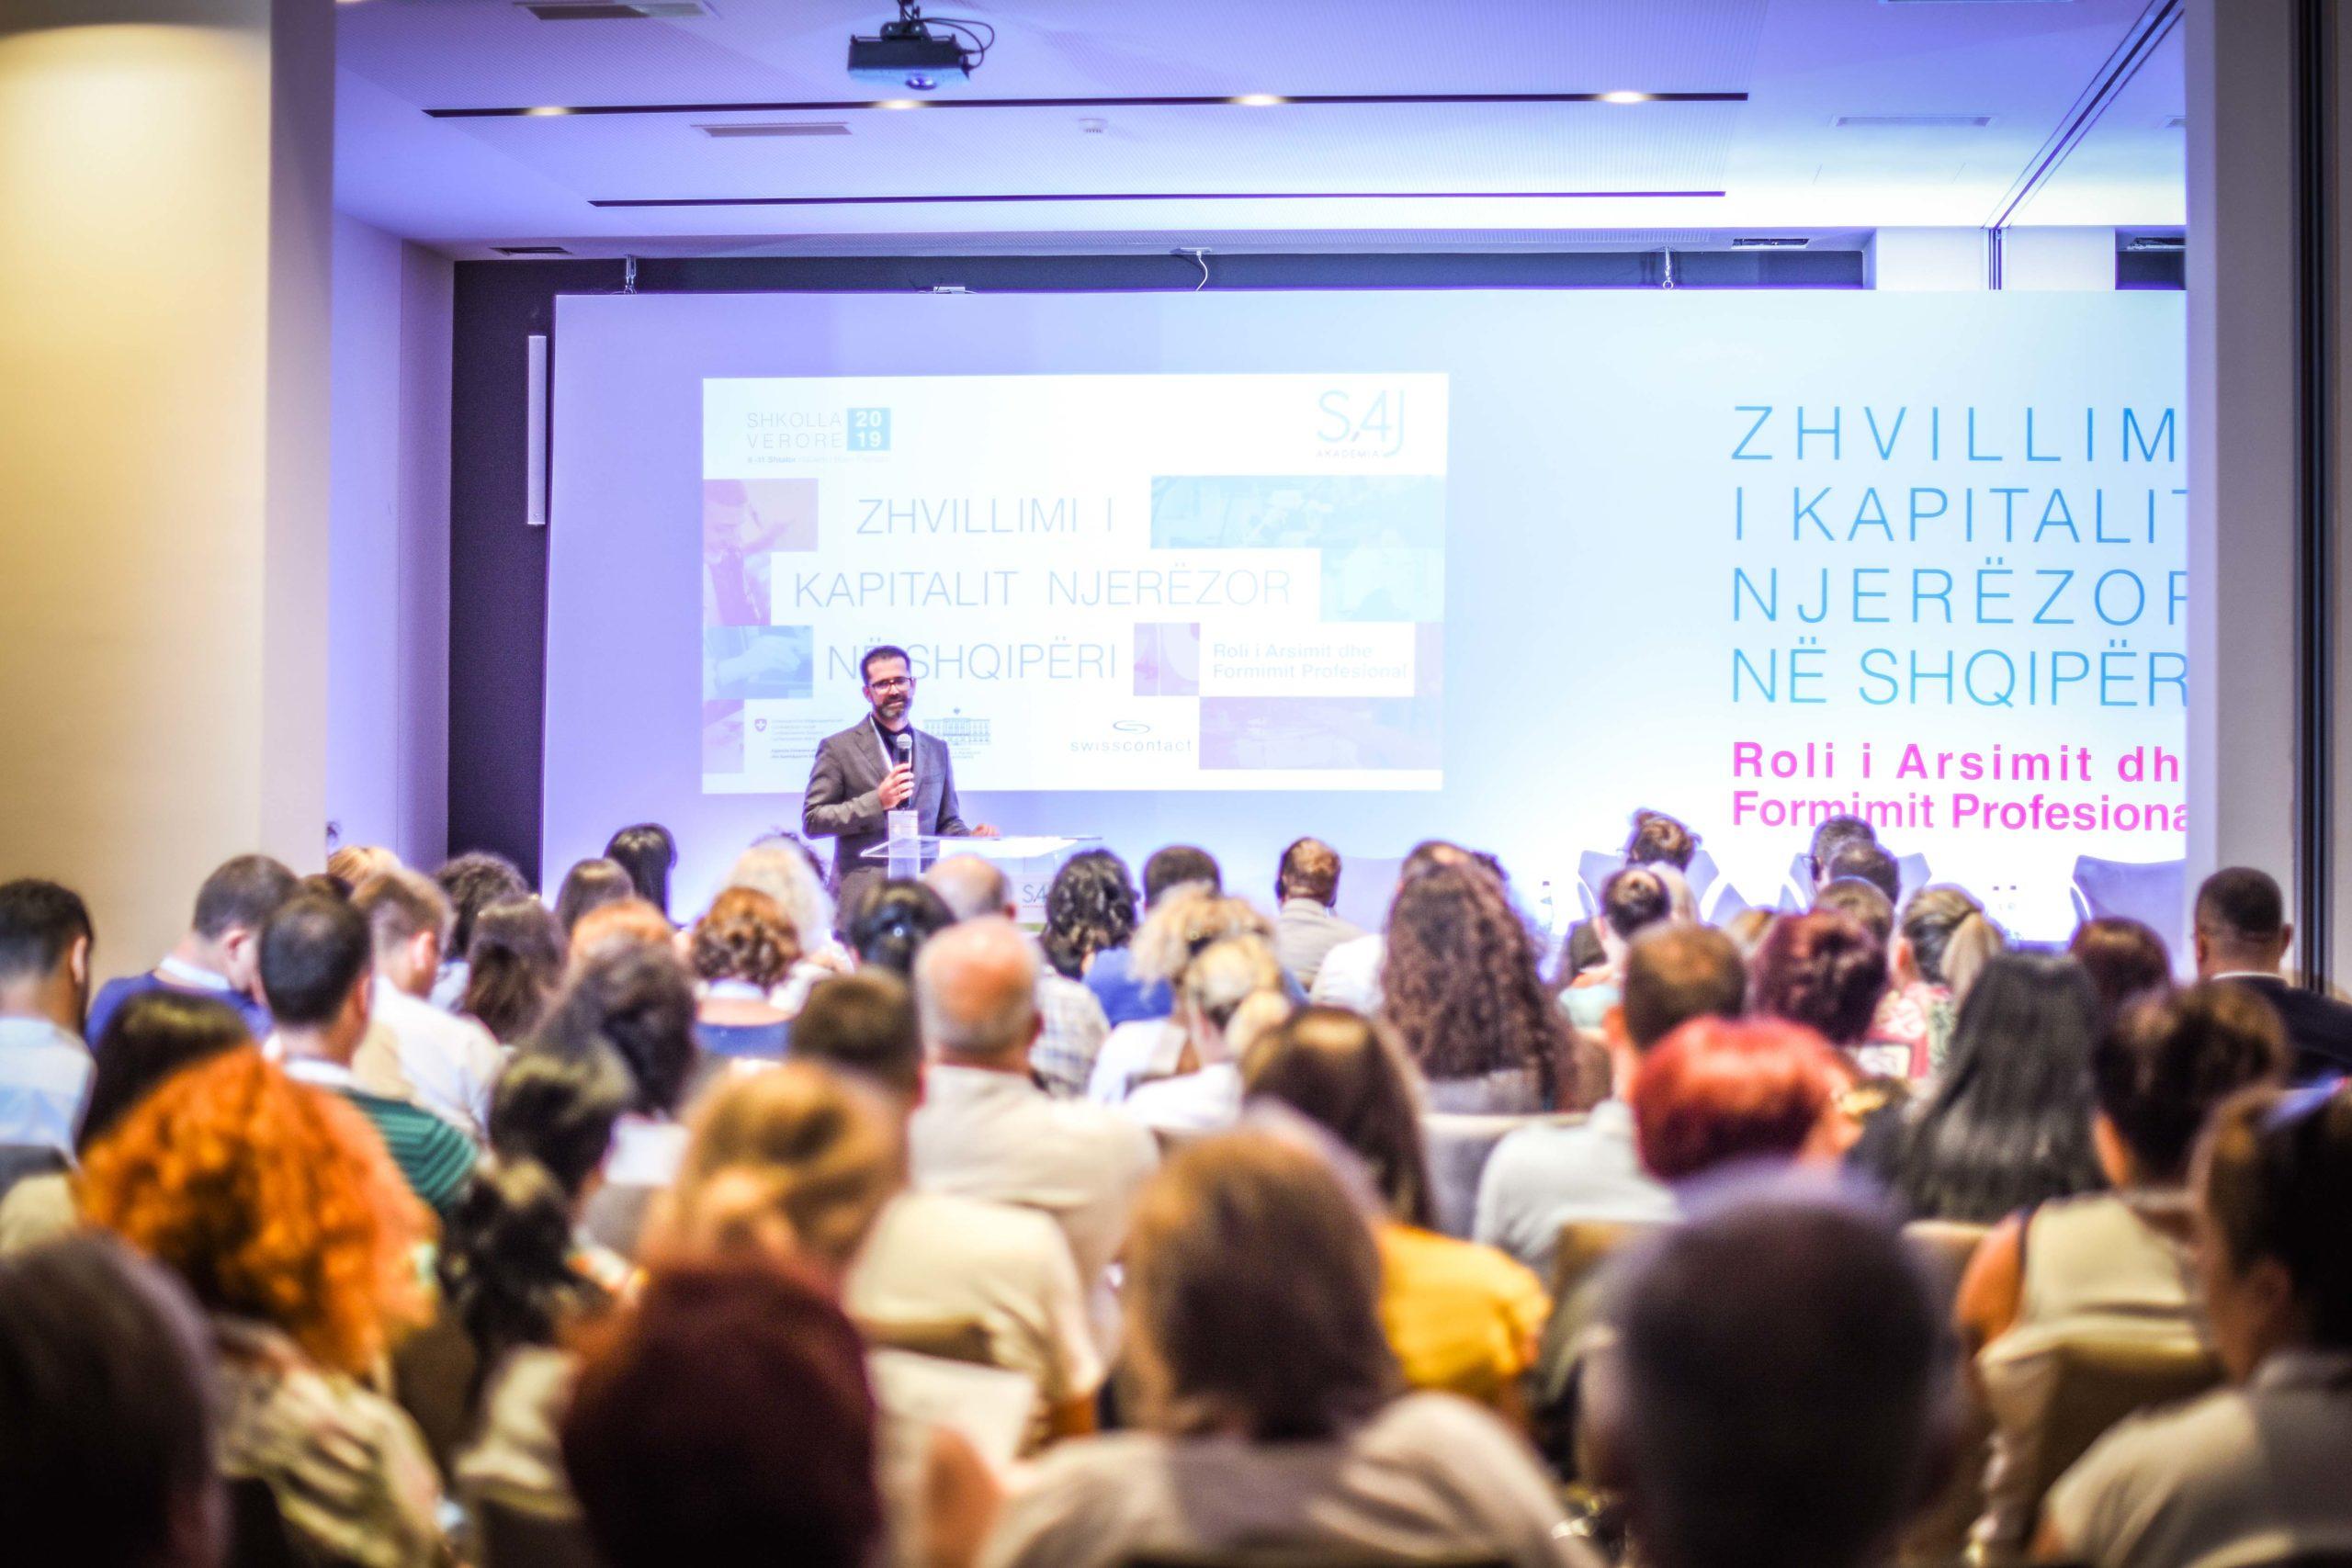 Zhvillimi i Kapitalit Njerëzor në Shqipëri: Roli i Arsimit dhe Formimit Profesional